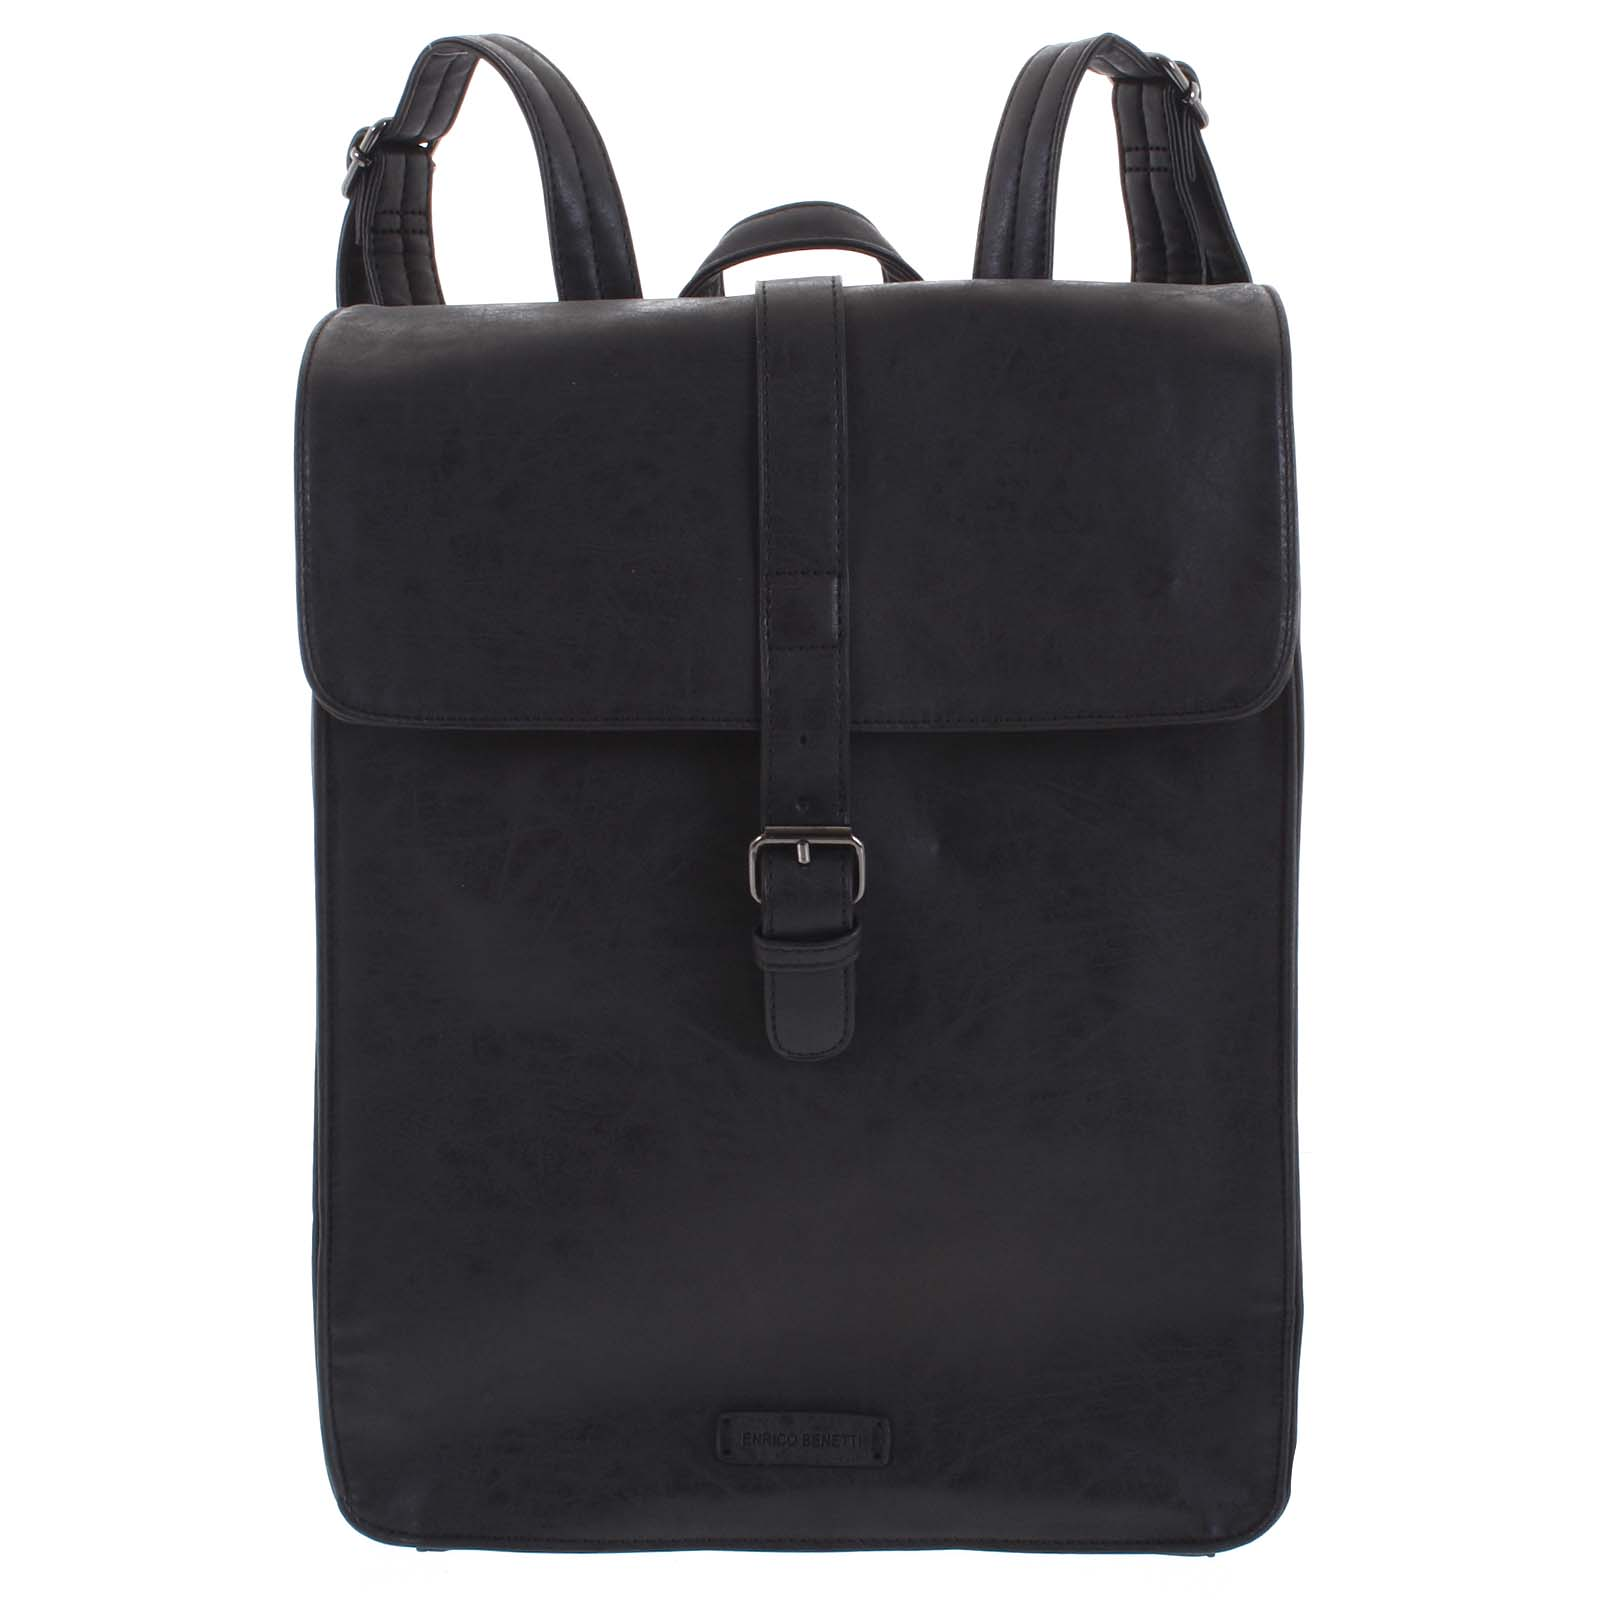 Stylový batoh černý - Enrico Benetti Darlo